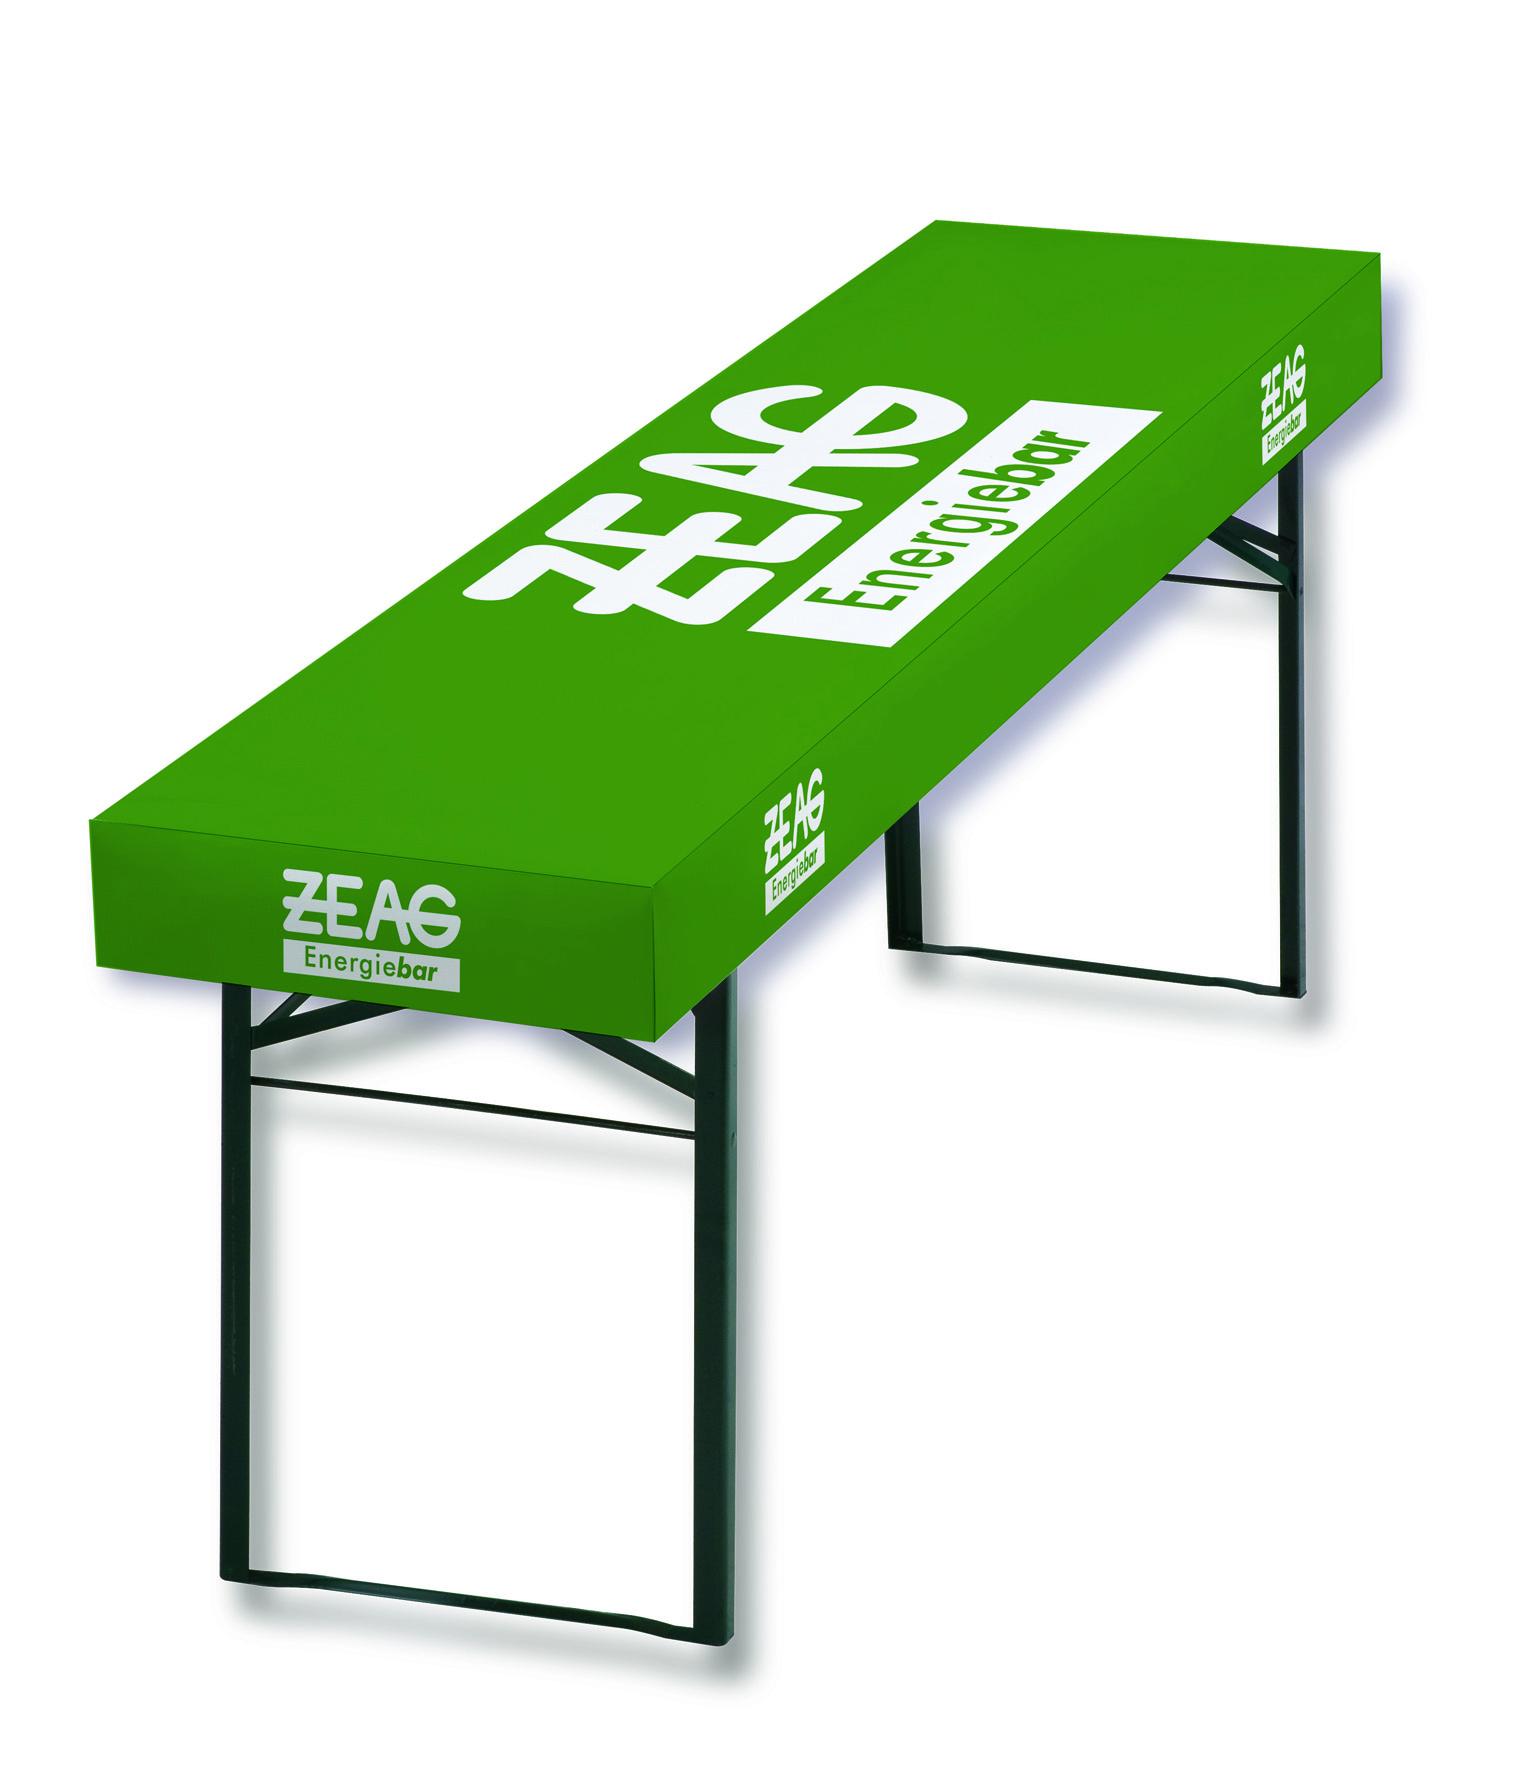 Papiertischdecke, patide, Biertisch, individuell bedrucken, ZEAG,, Logotischdecke, Messetischdecke, wasserfest, Event-Design, Kongress, outdoor, Tischdecke, sustainable, nachhaltig